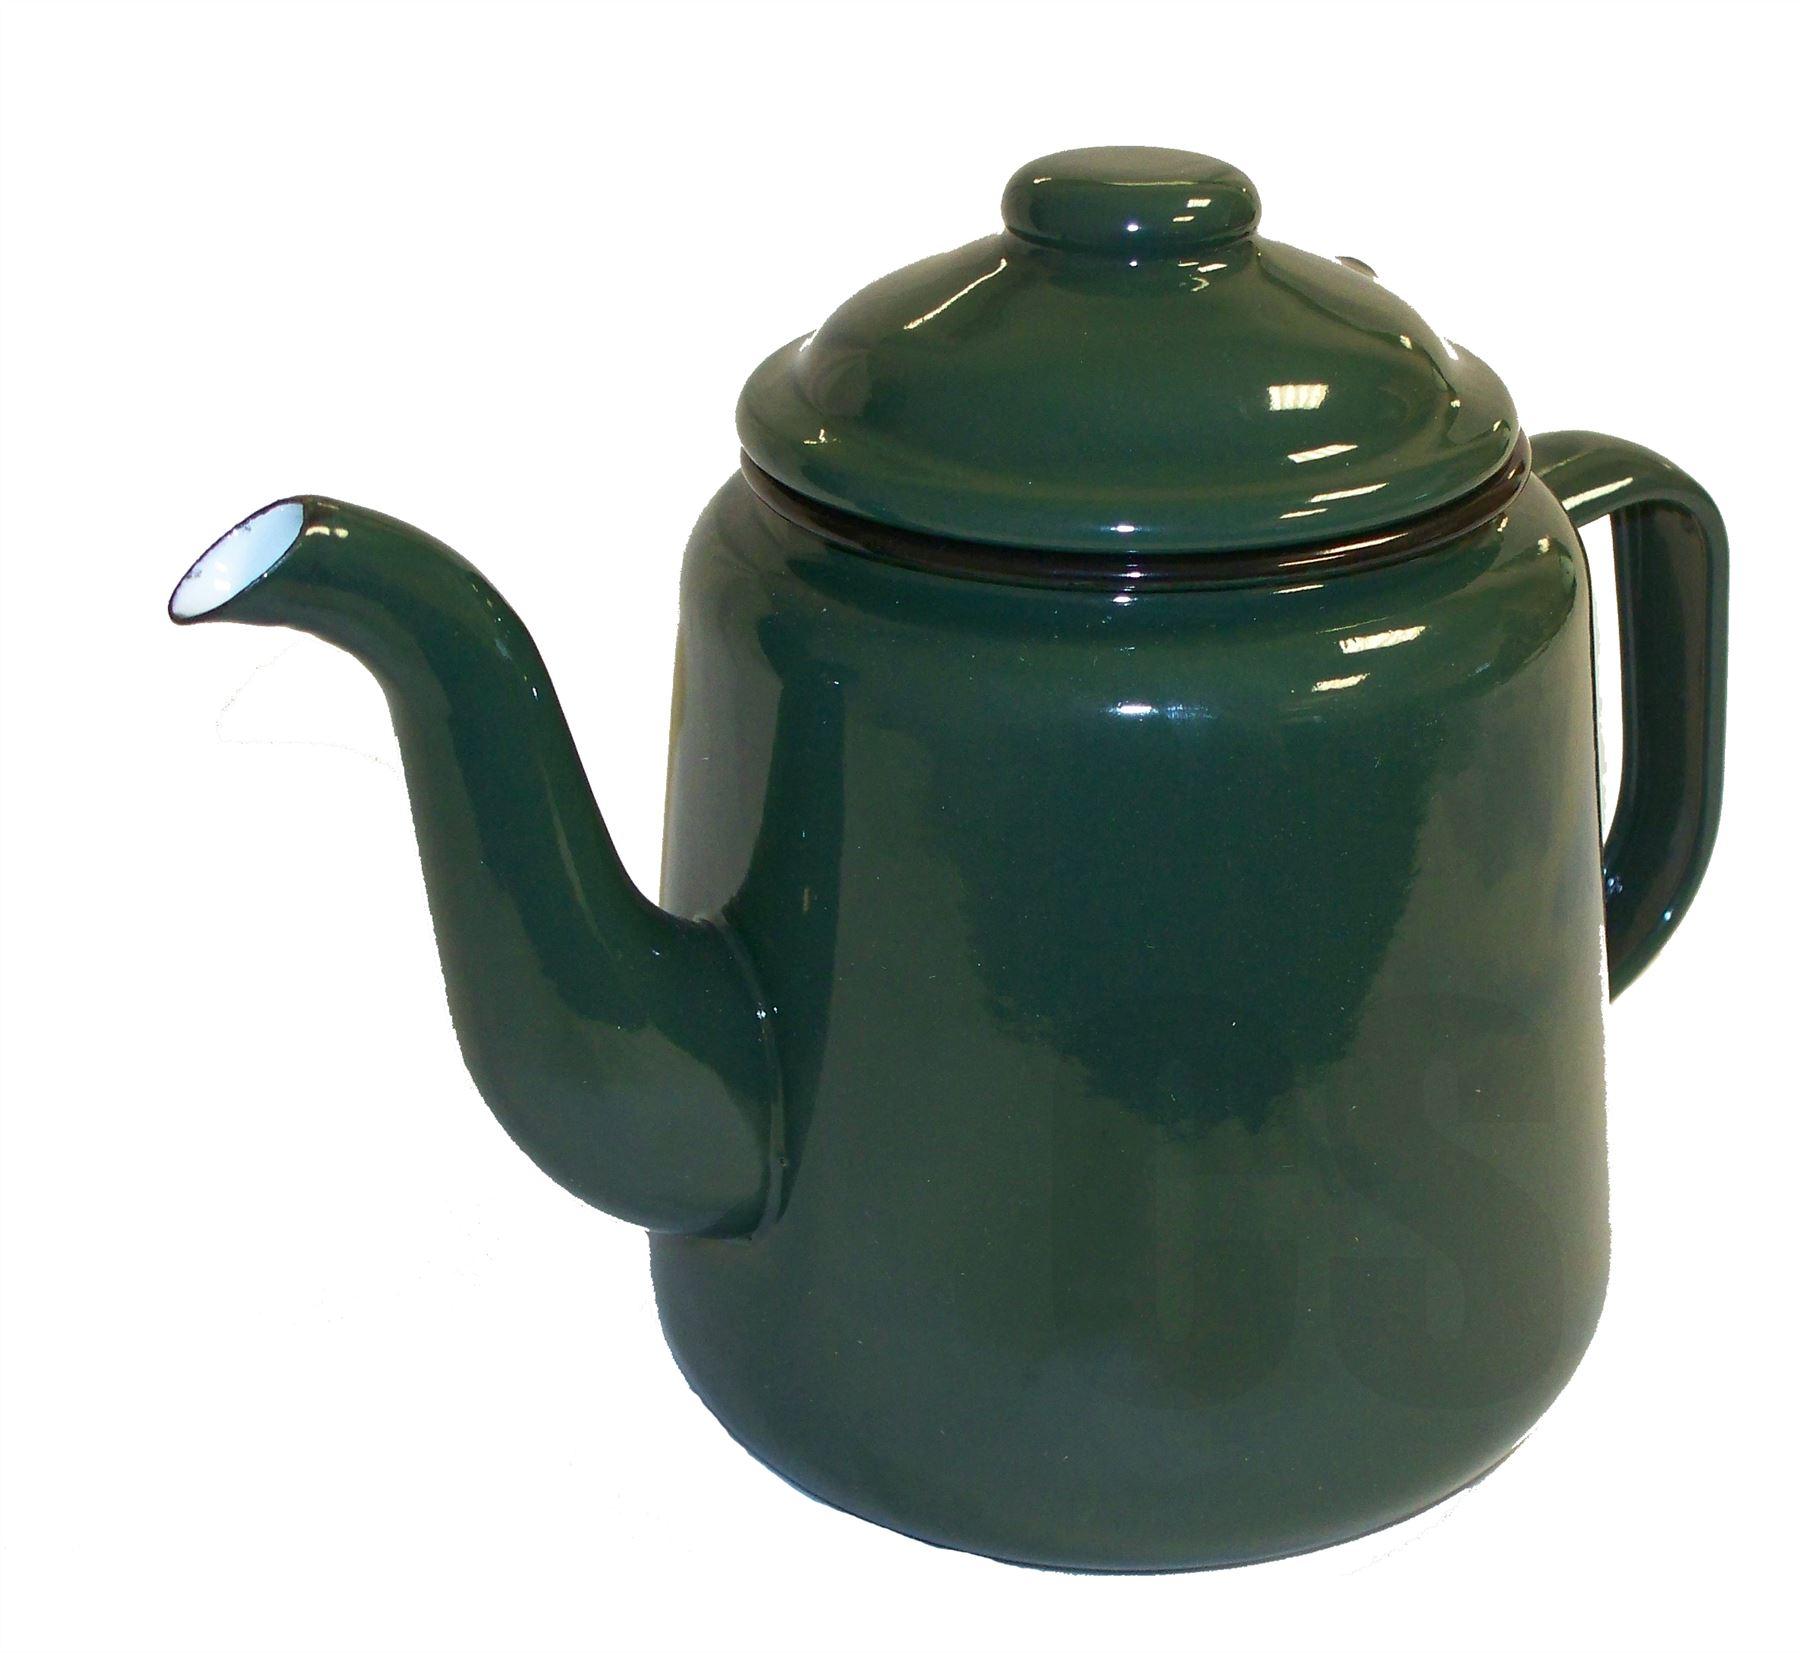 Falcon green enamel tea pot with handle lid teapot l